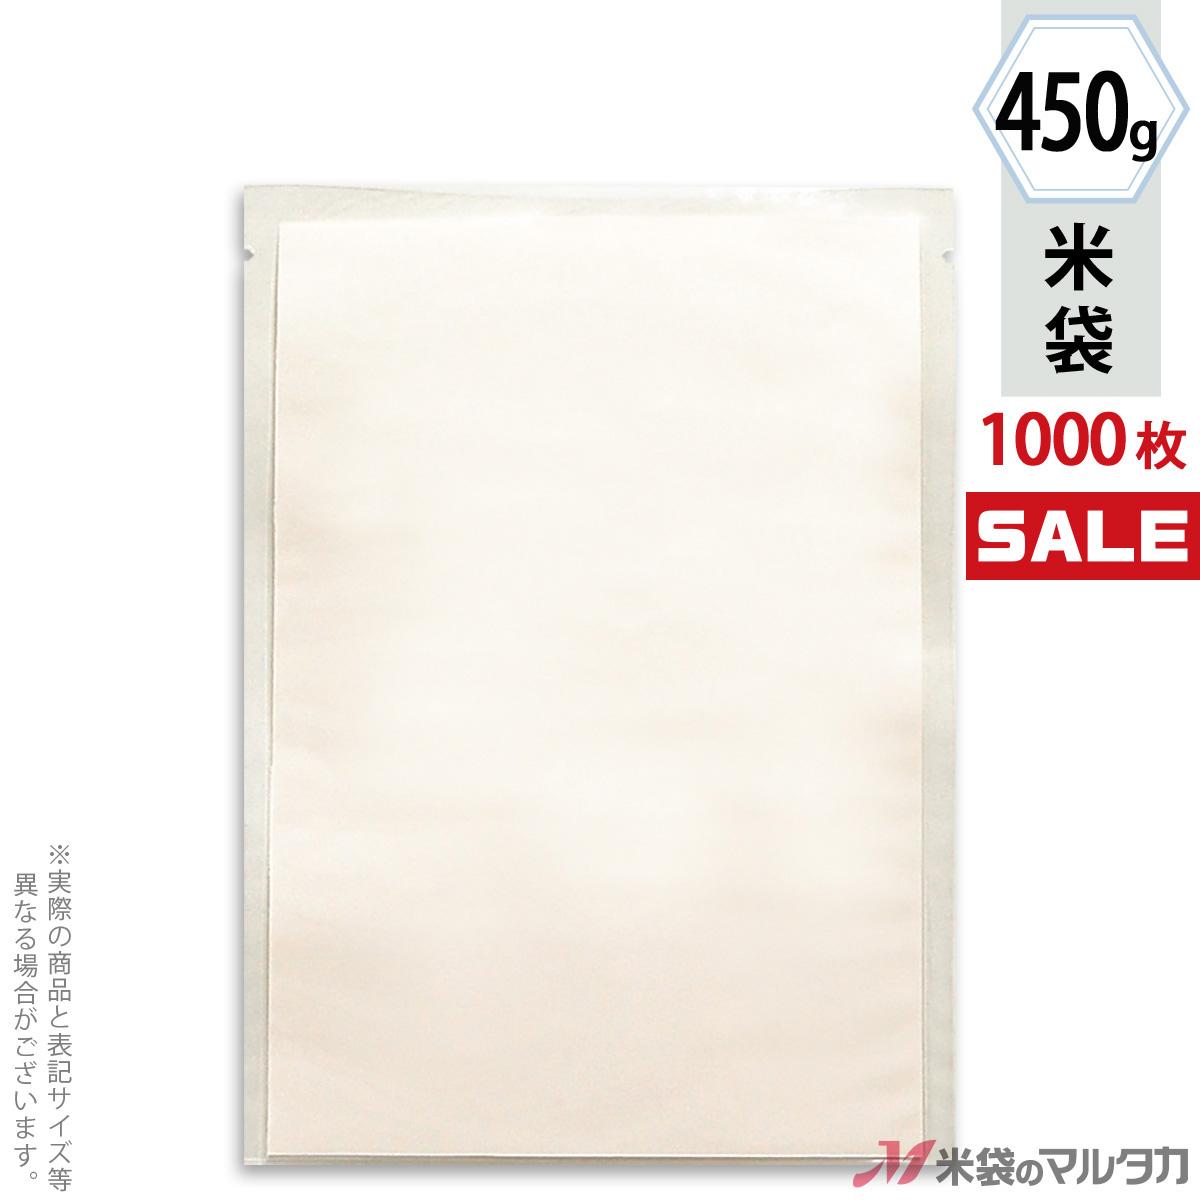 登場大人気アイテム 便利な少量パック 450g用 キャンペーン対応 米袋 ラミ 少量パック 無地 3合 1ケース 1000枚入 透明 T-02000 2020 新作